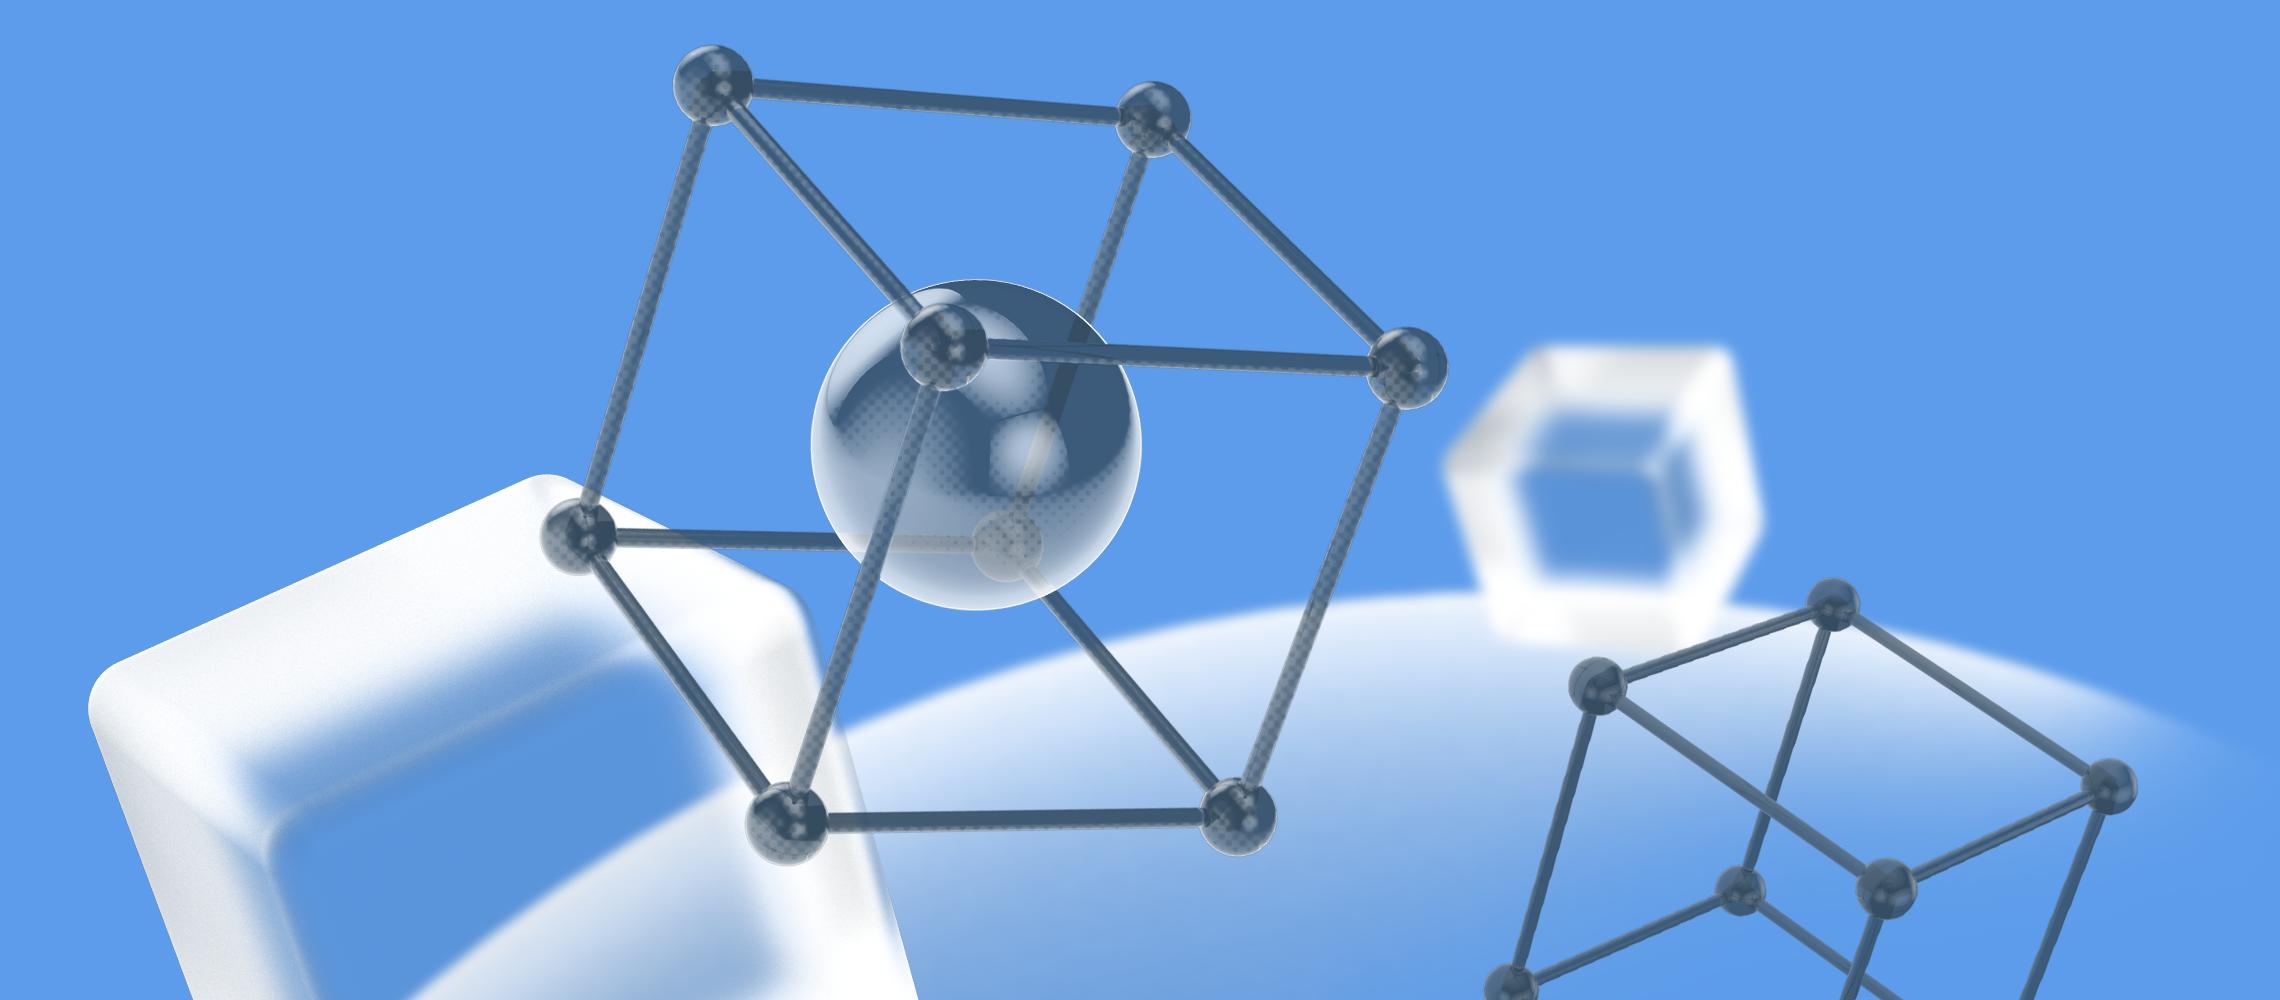 Как выбрать сетевое оборудование на уровне ядра